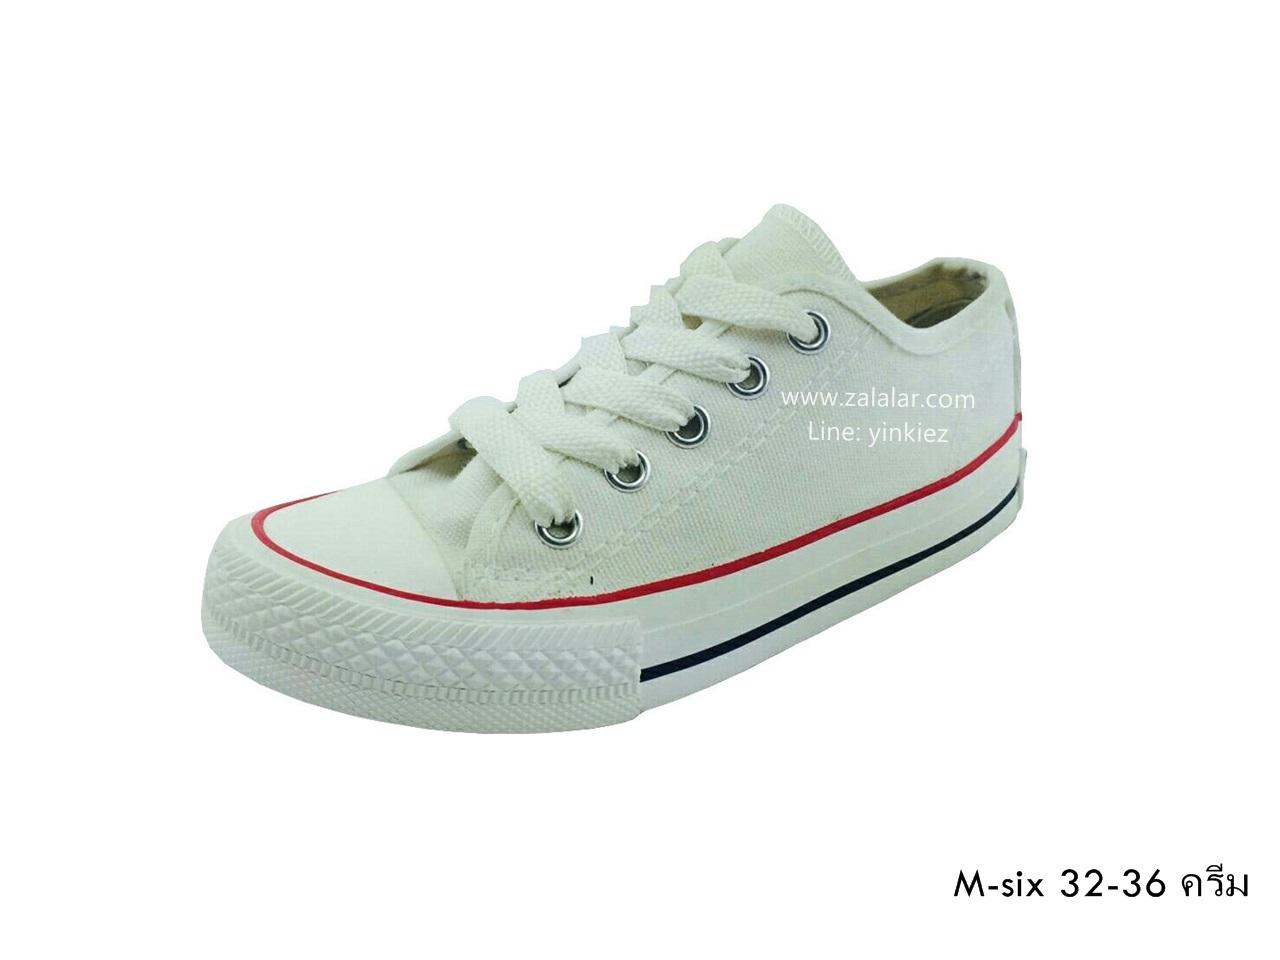 [พร้อมส่ง] รองเท้าผ้าใบเด็กแฟชั่น รุ่น M-six สีครีม